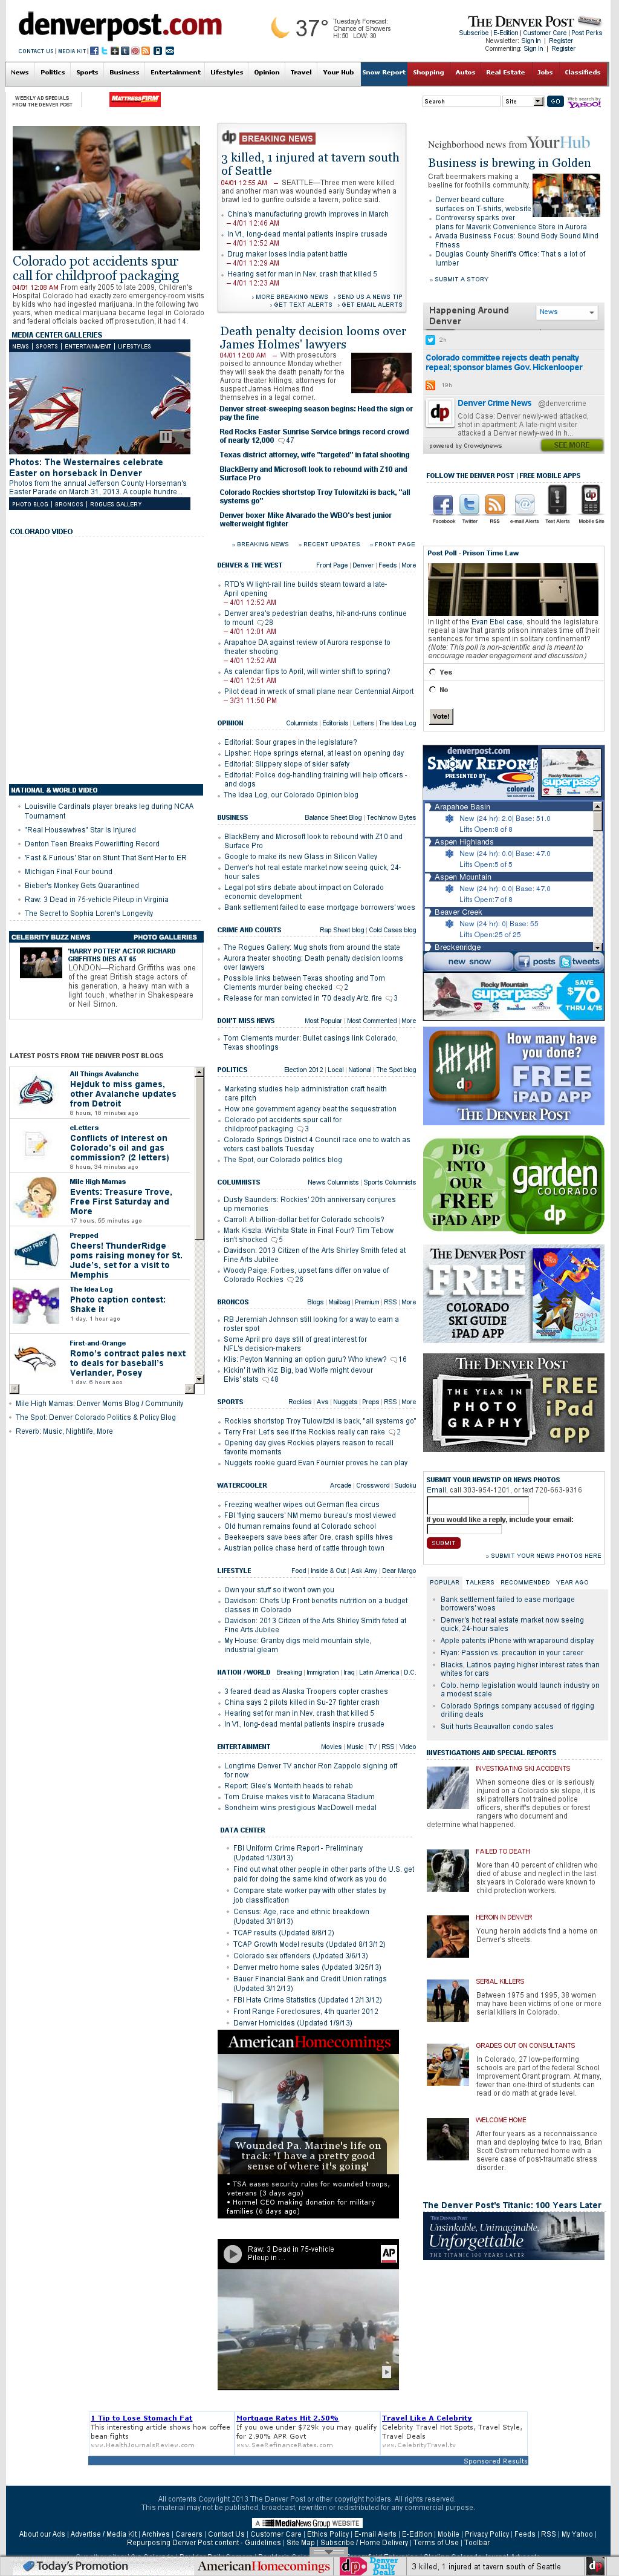 Denver Post at Monday April 1, 2013, 8:05 a.m. UTC